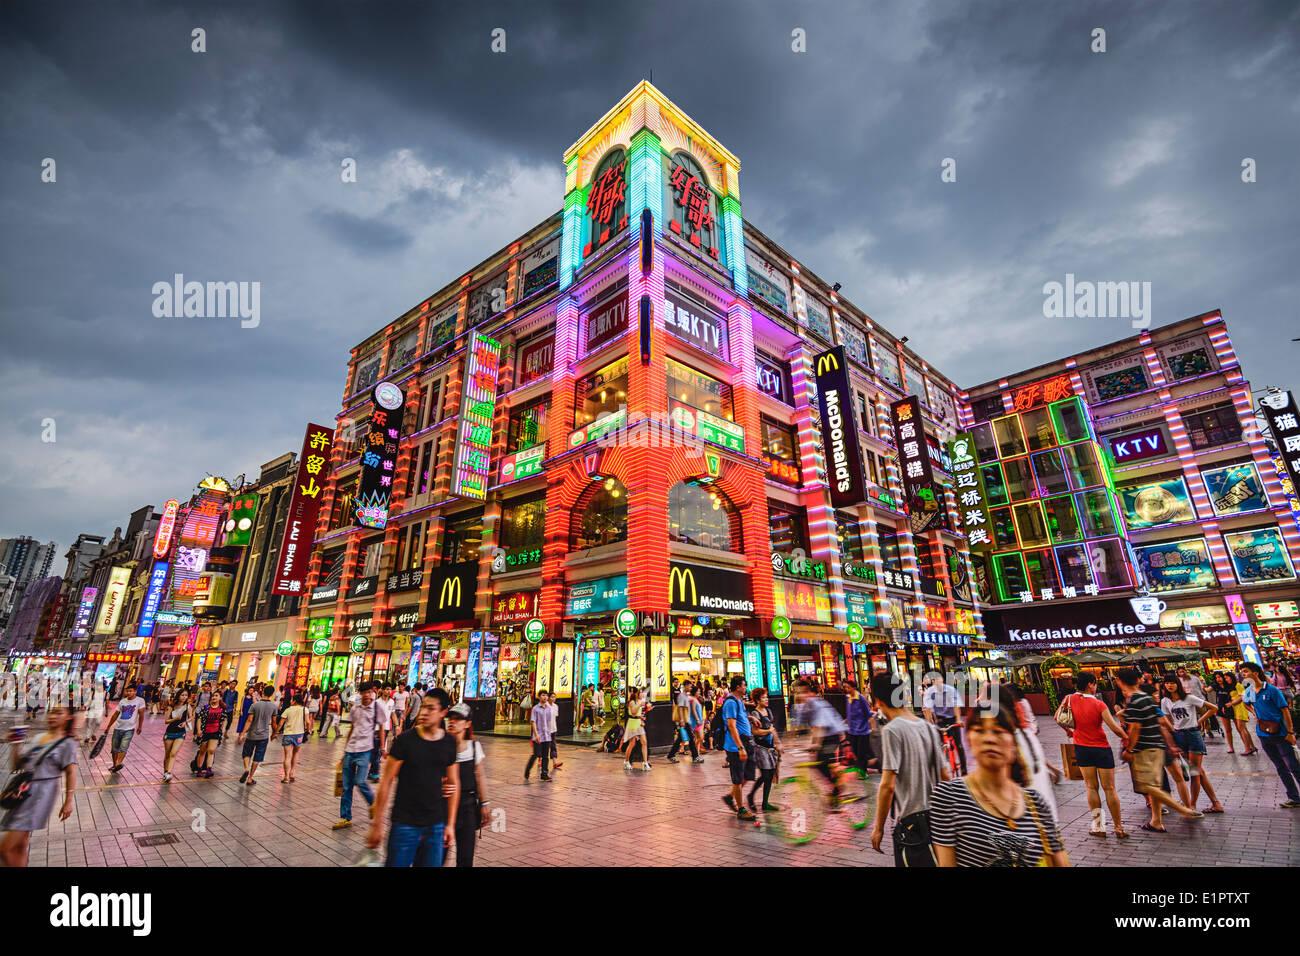 Shangxiajiu Pedestrian Street in Guangzhou, China. - Stock Image